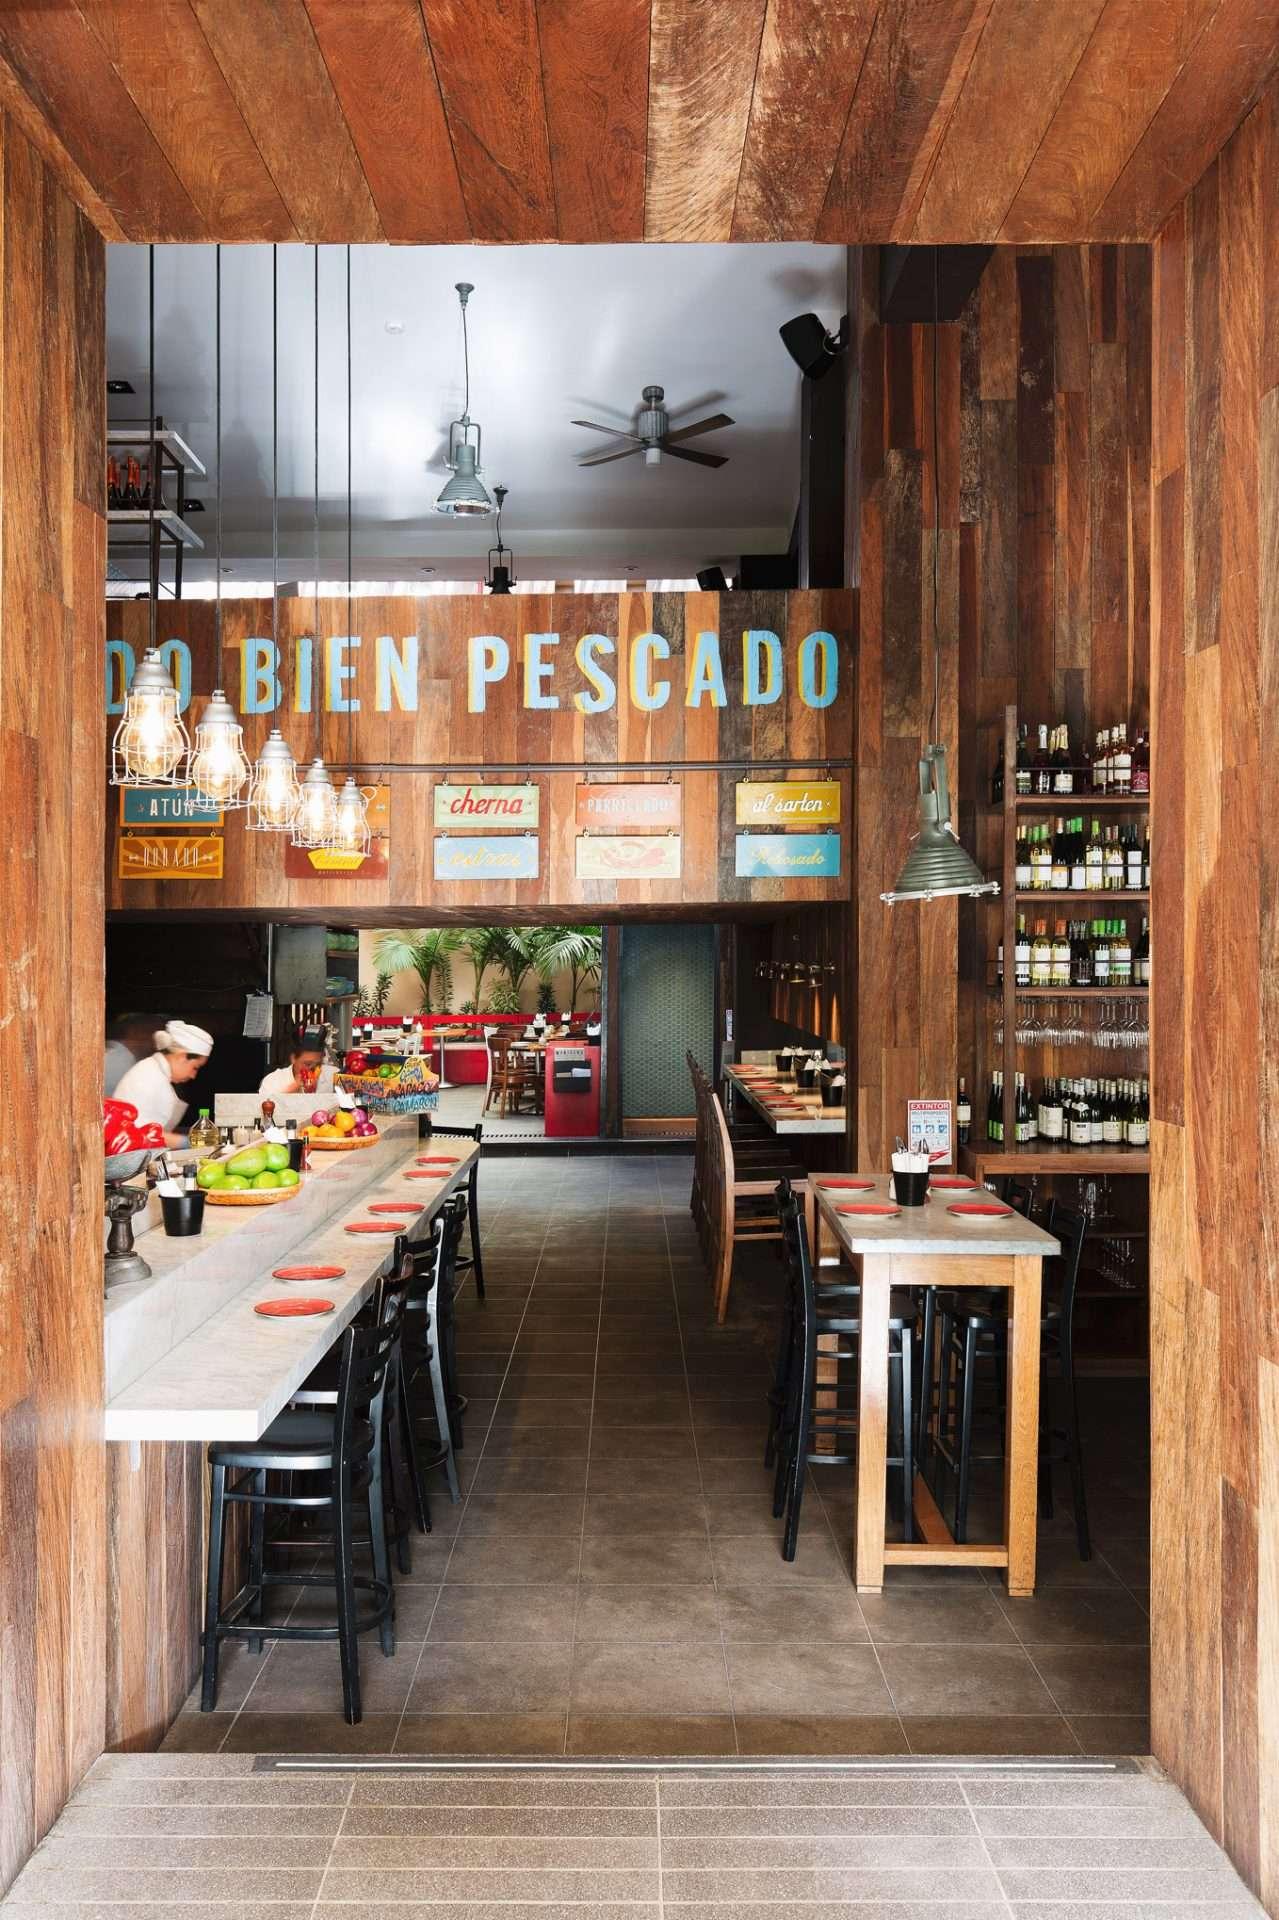 02muñoz.bosch.cevivheria.bogota.restaurante.simonbosch.photography.interior.coala.constructora